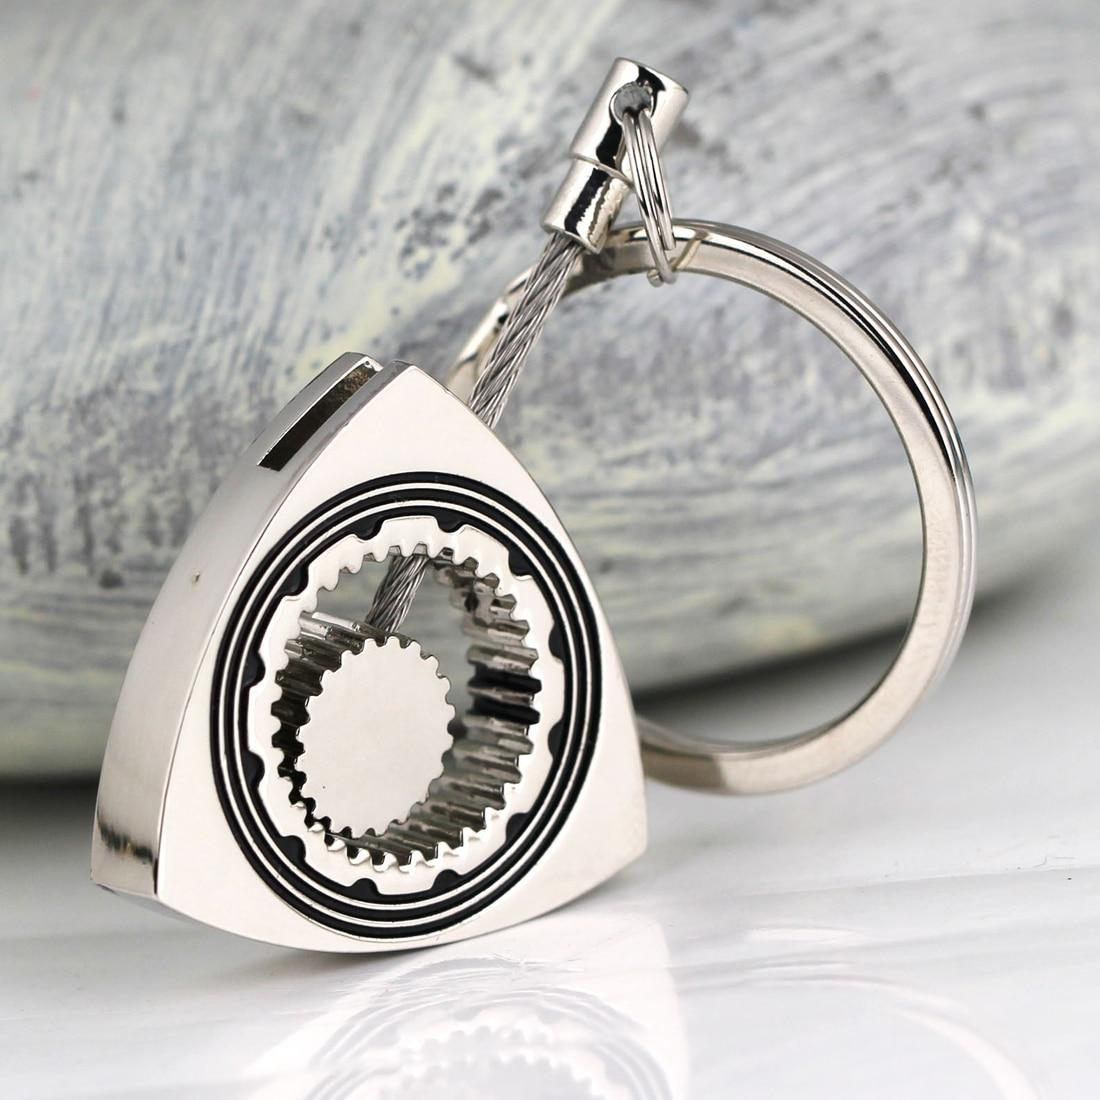 Поворотний ротор брелок полірований срібло авто частина трикутник Wankel двигун брелок брелок ланцюги Keyfob автомобіль стайлінг прикраси 1шт